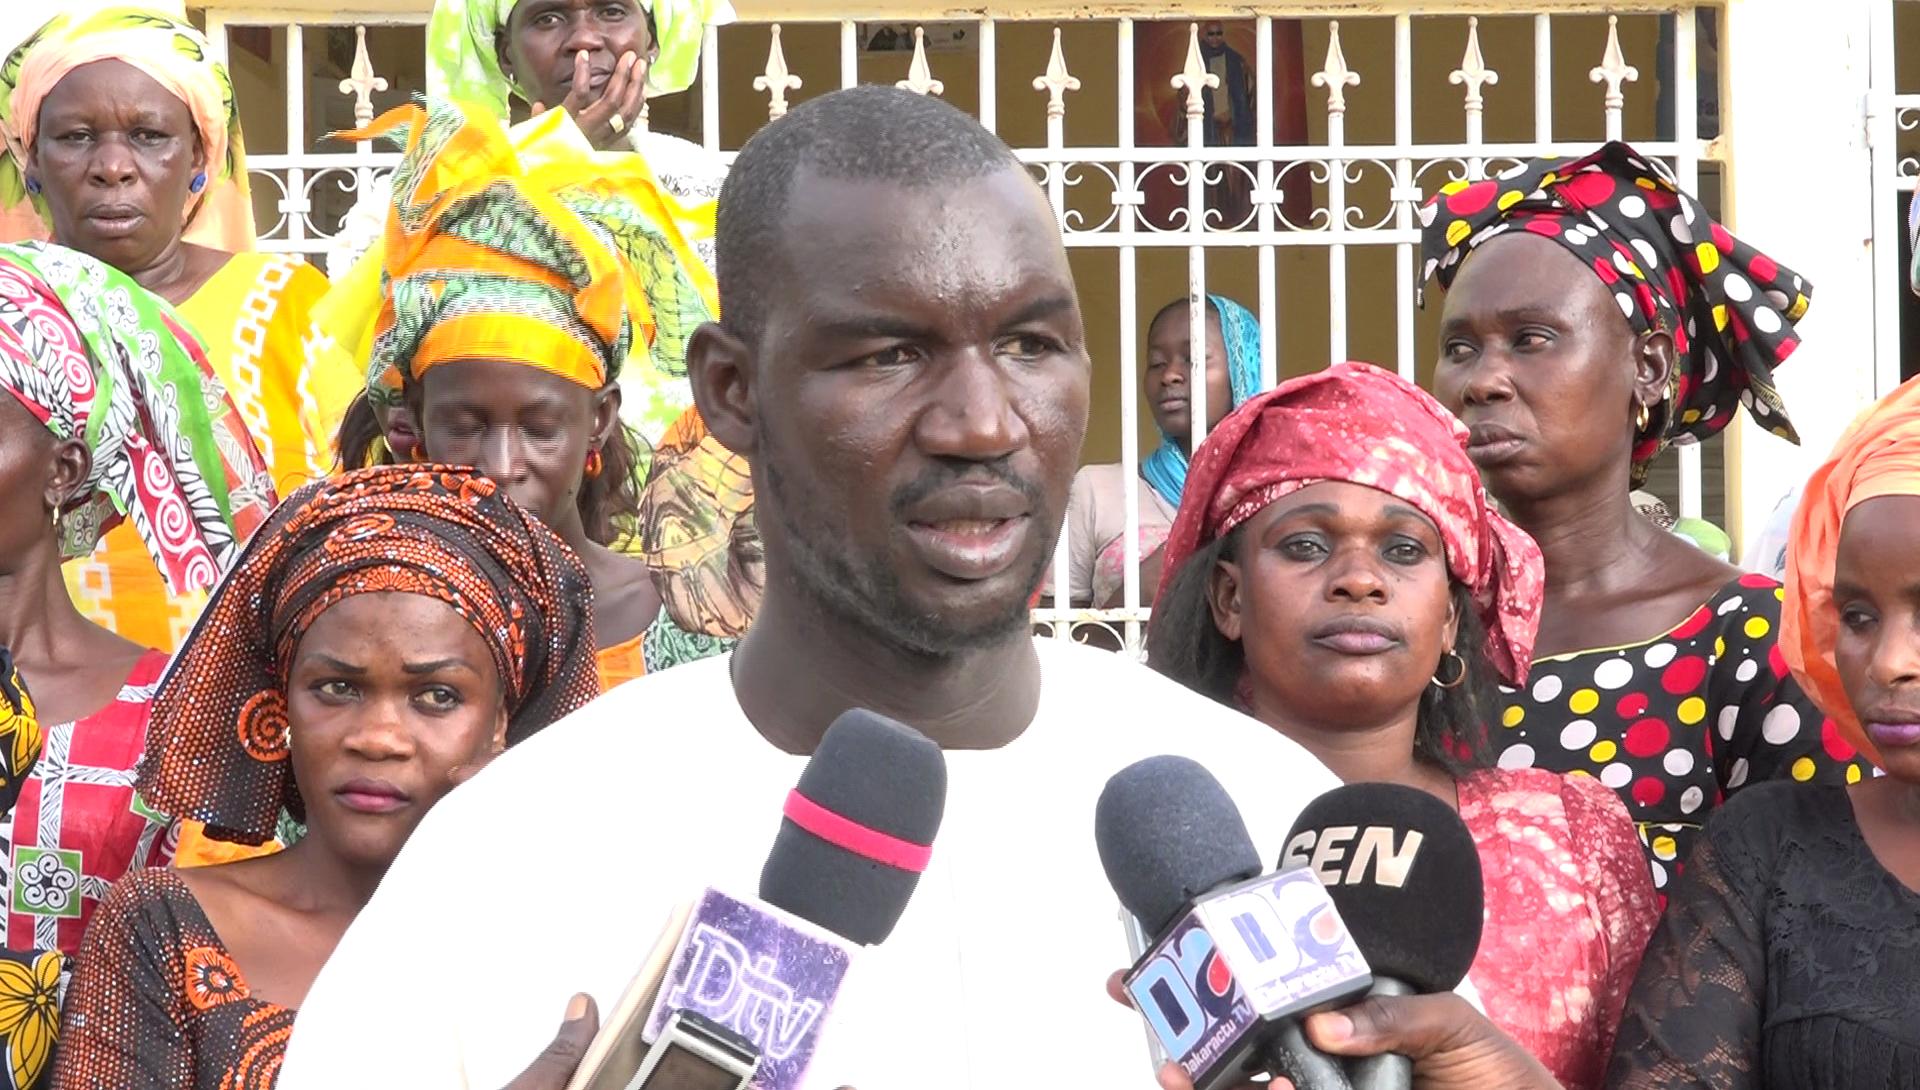 TAÏF DANS UN IMBROGLIO - 'And Suxali Sénégal' de Serigne Fallou Mbacké dépose une plainte contre le maire et le sous-préfet accusé de faux et usage de faux.